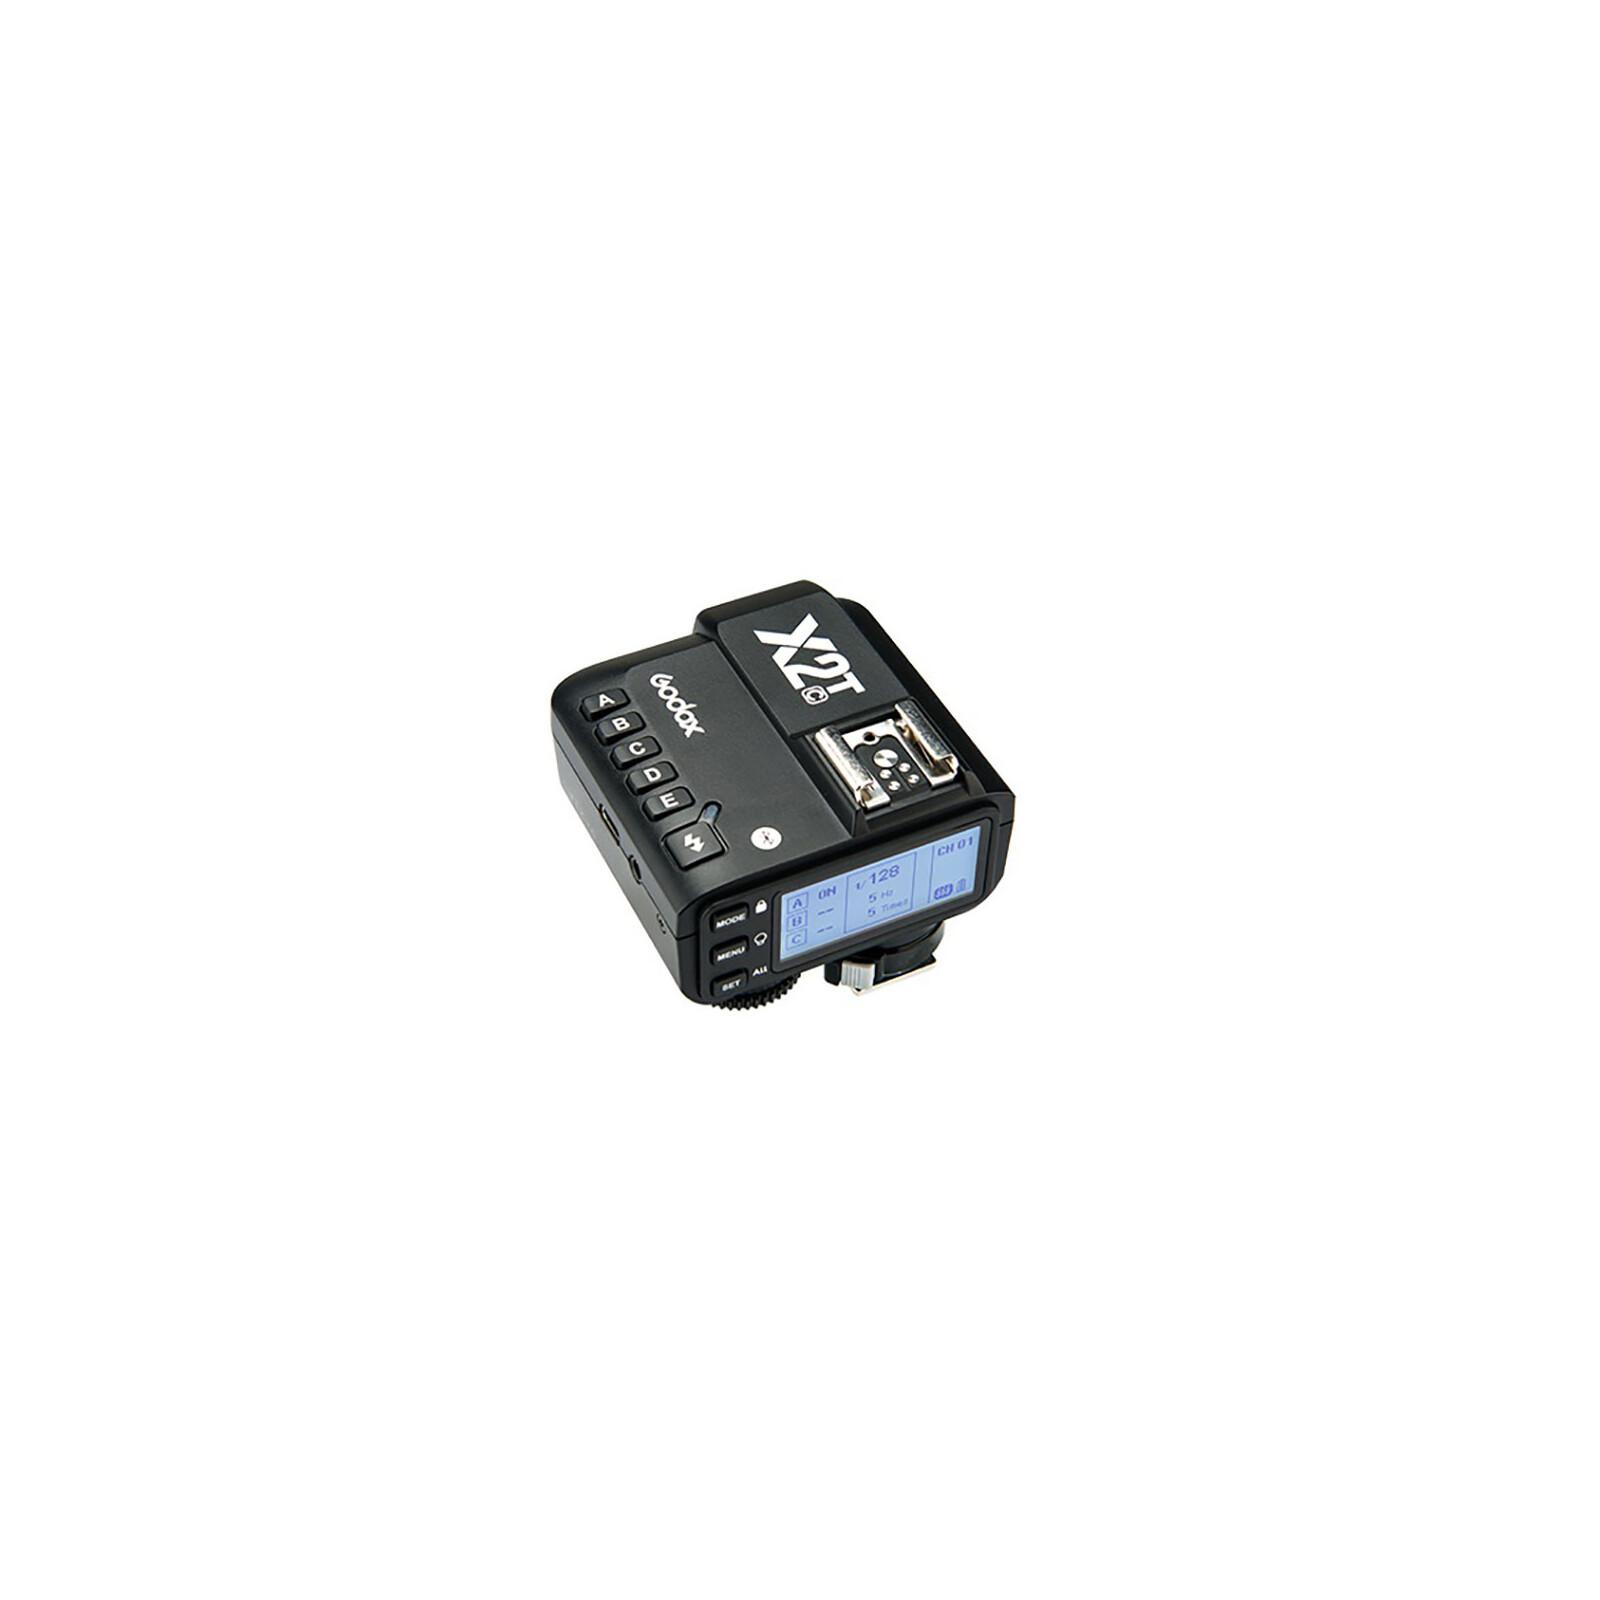 GODOX X2TO 2.4G TTL Flash Trigger Olympus